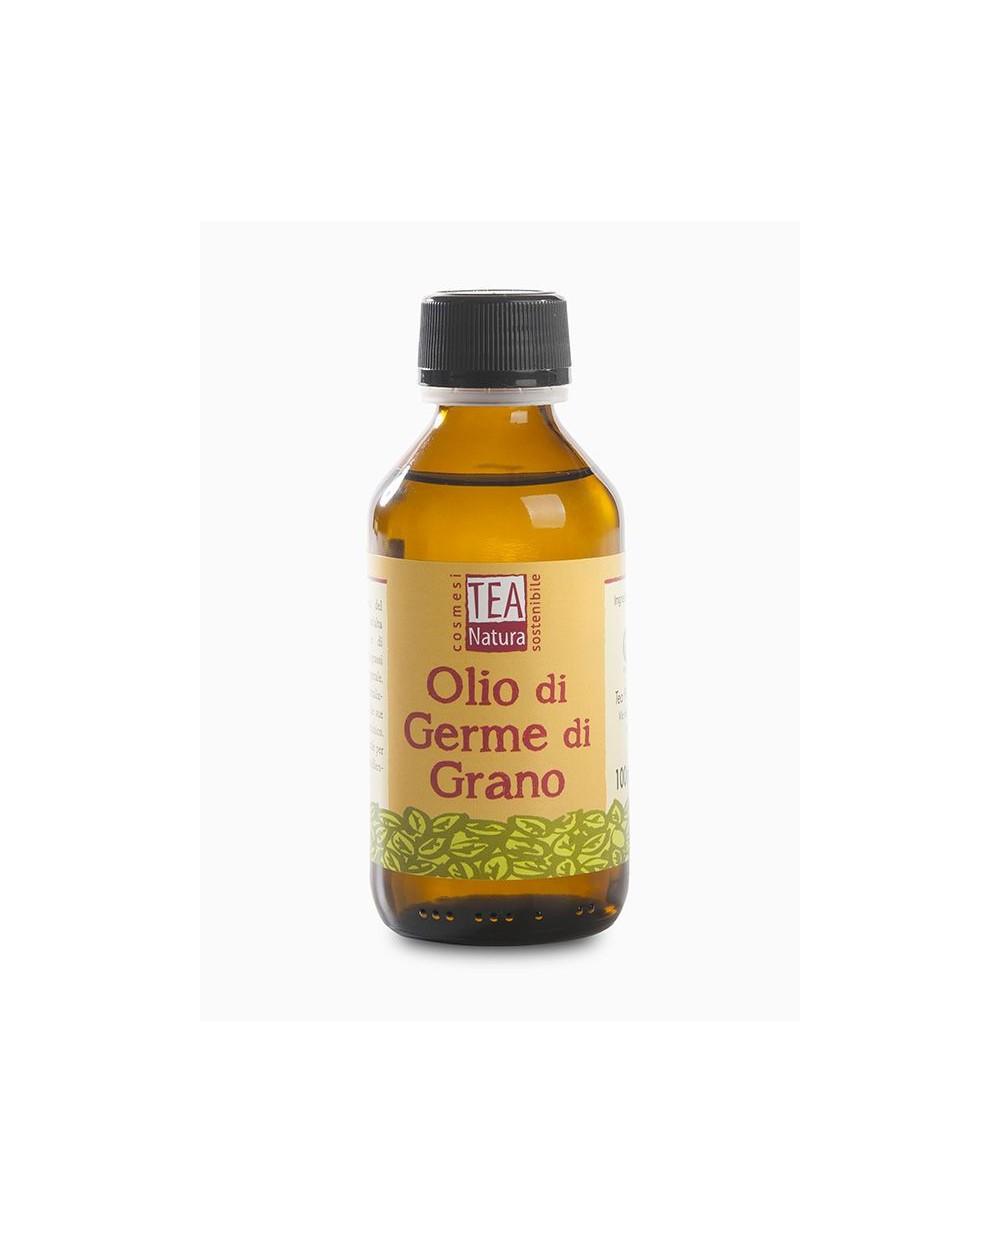 Tea Natura - Olio di Gemme di Grano